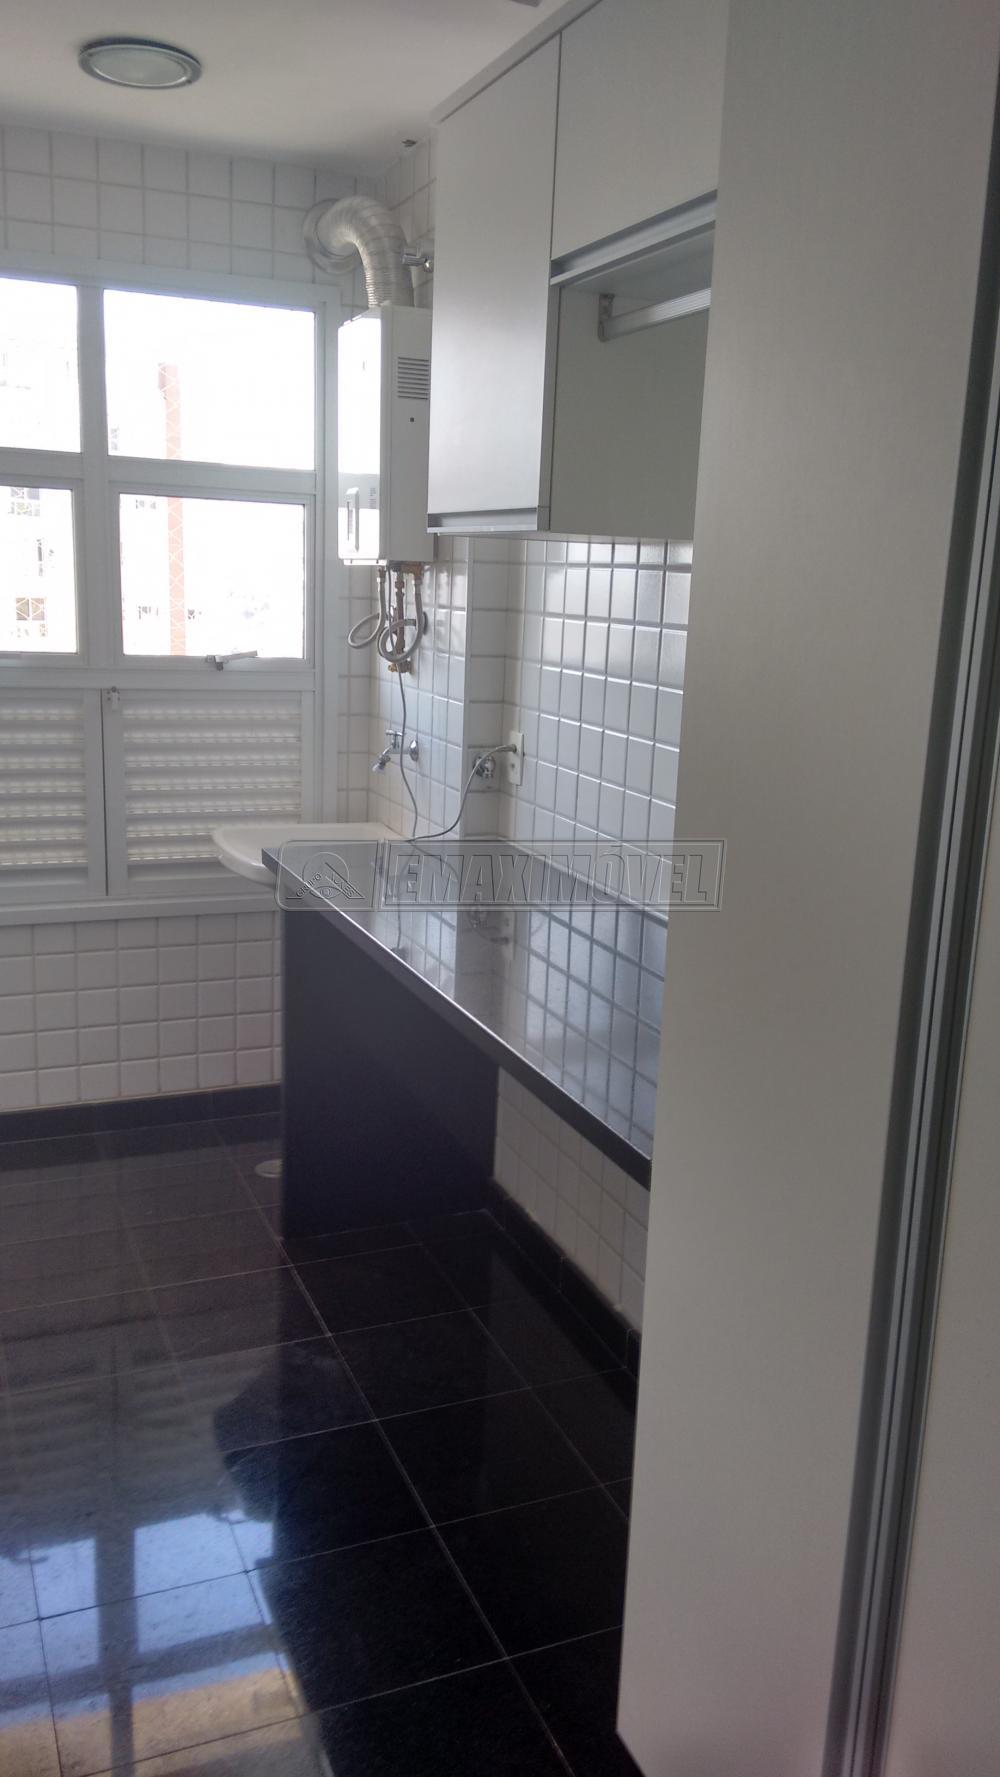 Comprar Apartamentos / Apto Padrão em Sorocaba apenas R$ 1.400.000,00 - Foto 34